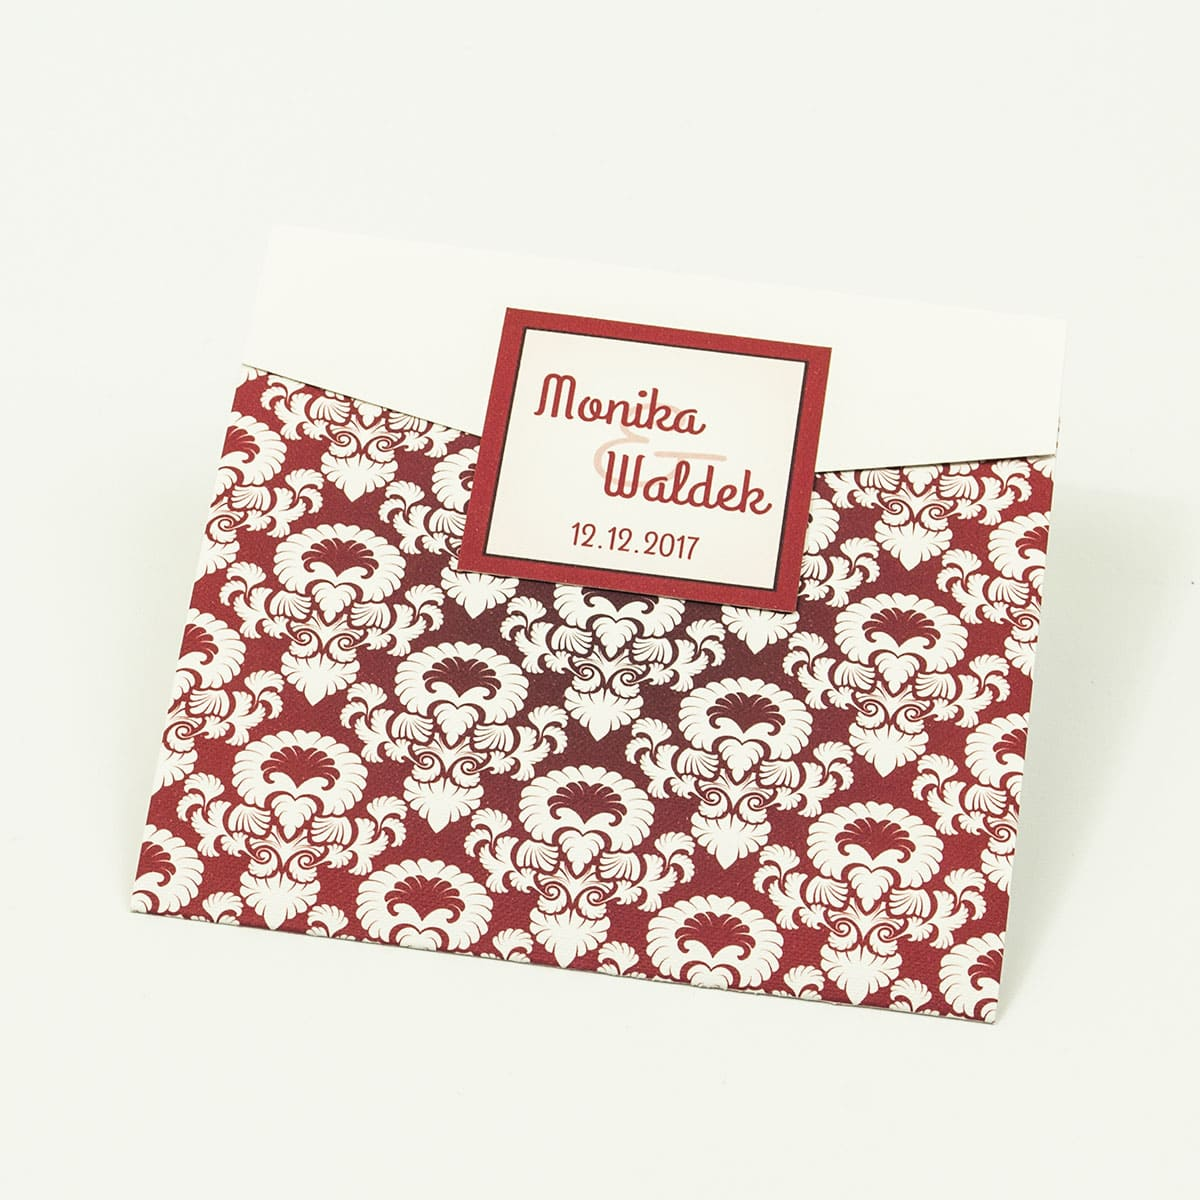 Zaproszenia z czerwono-białym ozdobnym ornamentem w kształcie koperty. ZAP-15-11